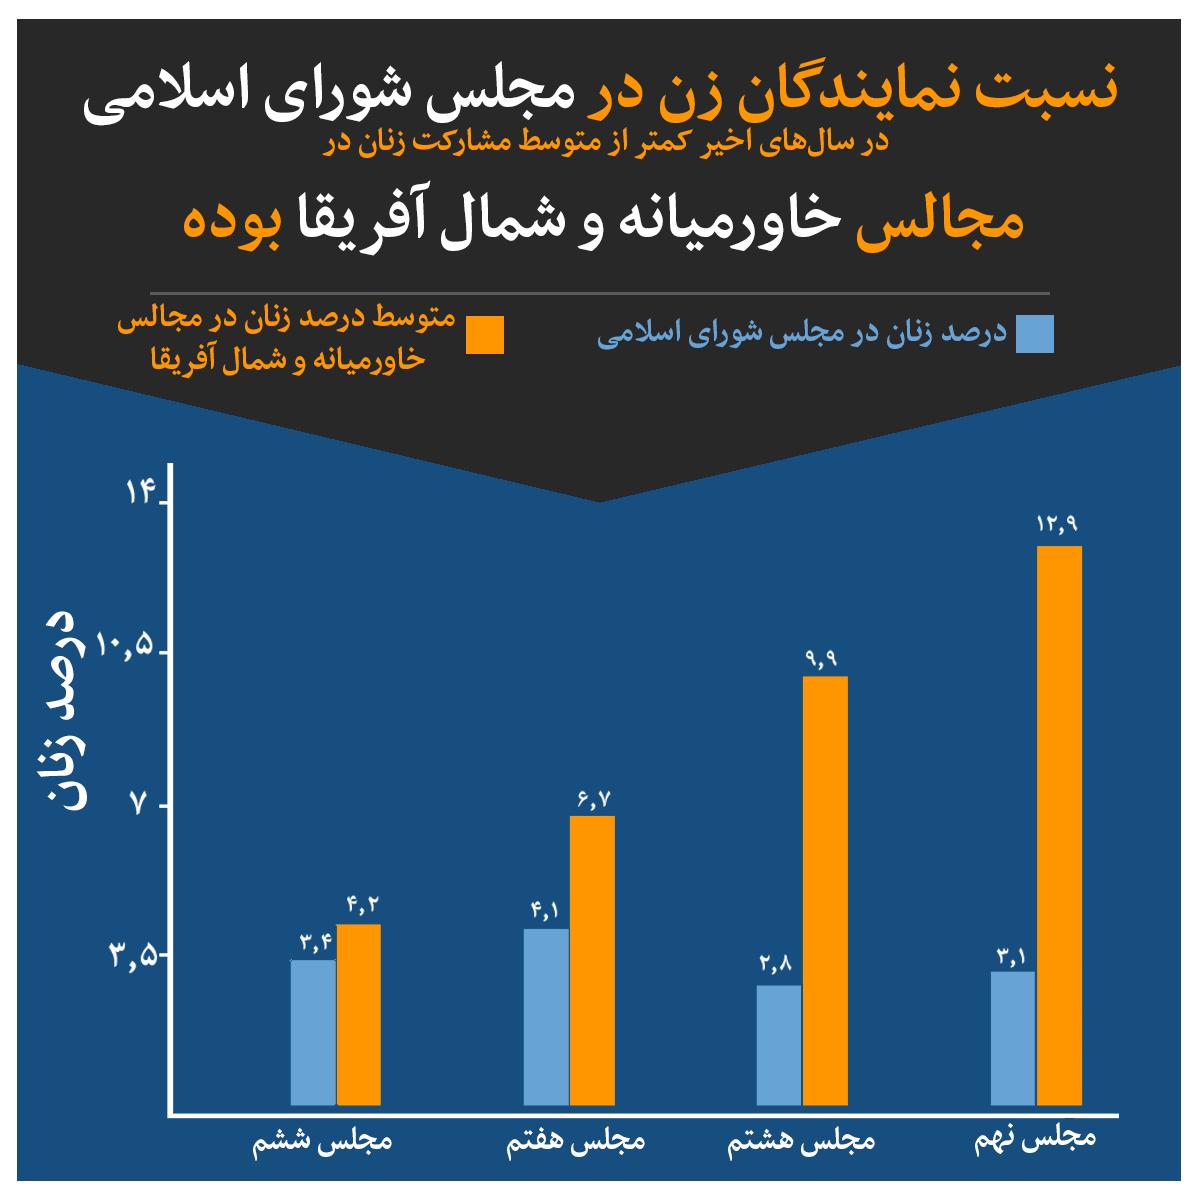 نسبت نمایندگان زن در مجلس شورای اسلامی